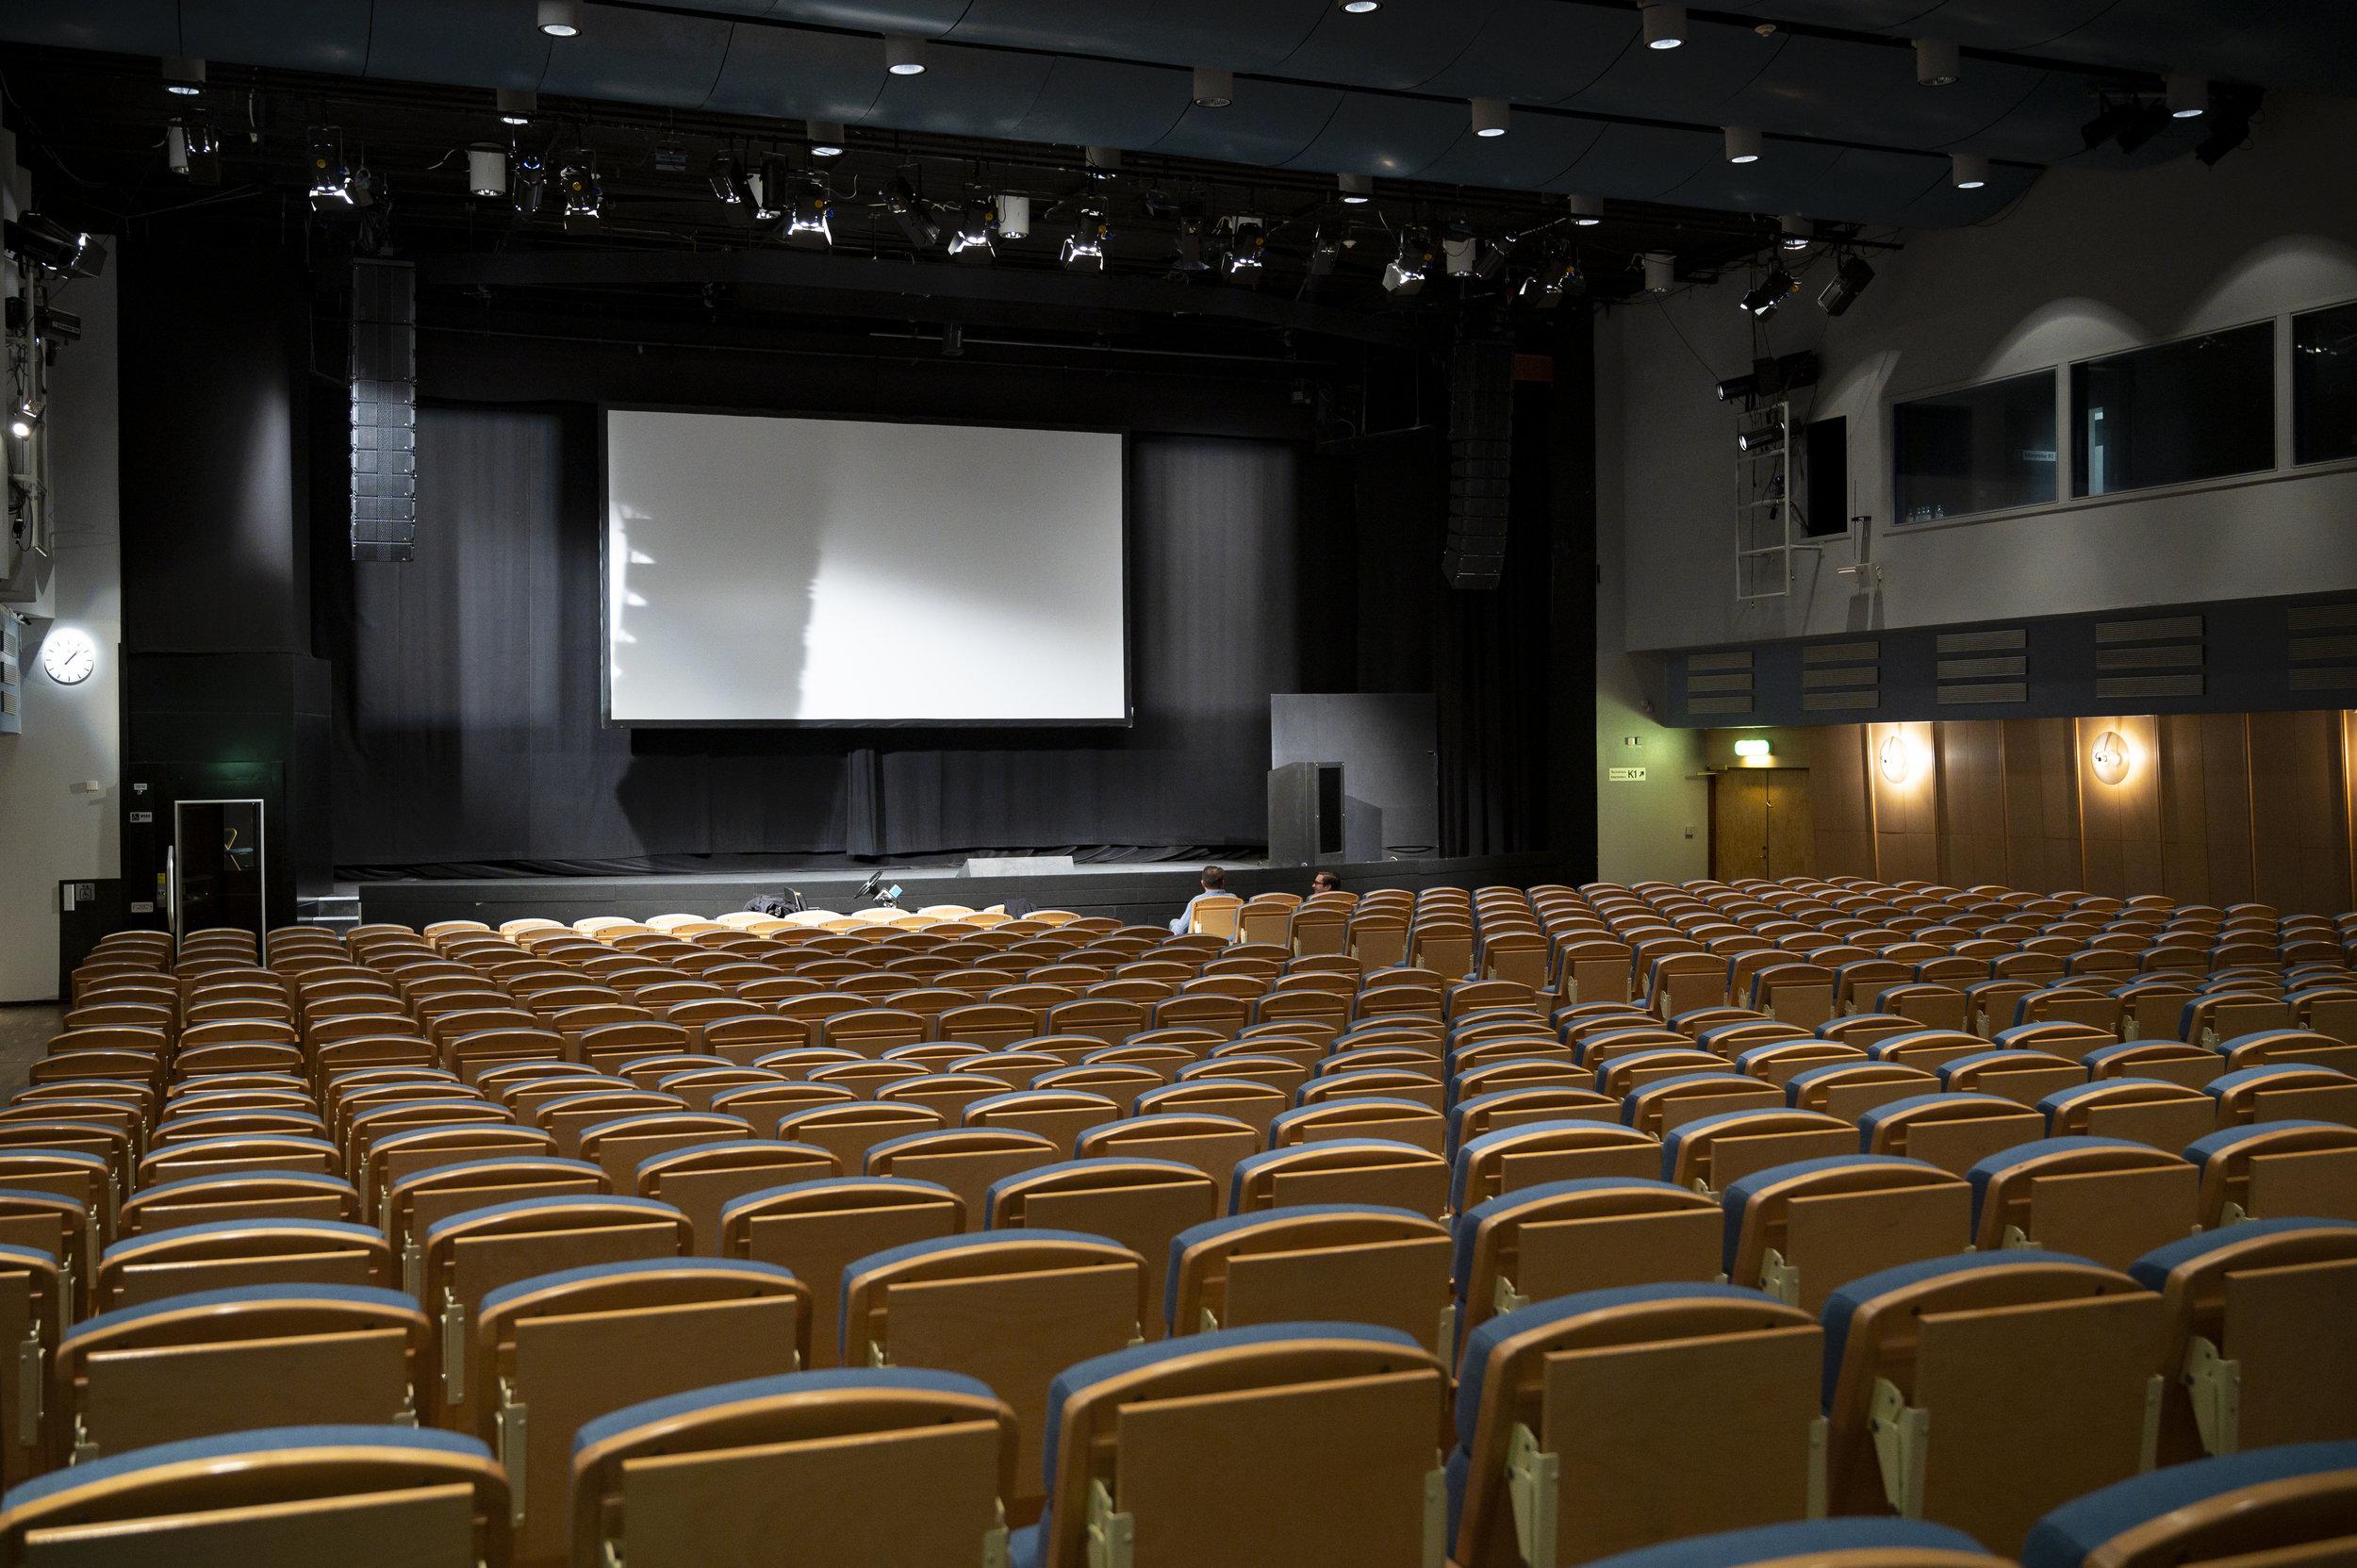 K1 rymmer 506 sittplatser, men högtalarna måste täcka över lite till sal K2 när de båda salarna används som en.